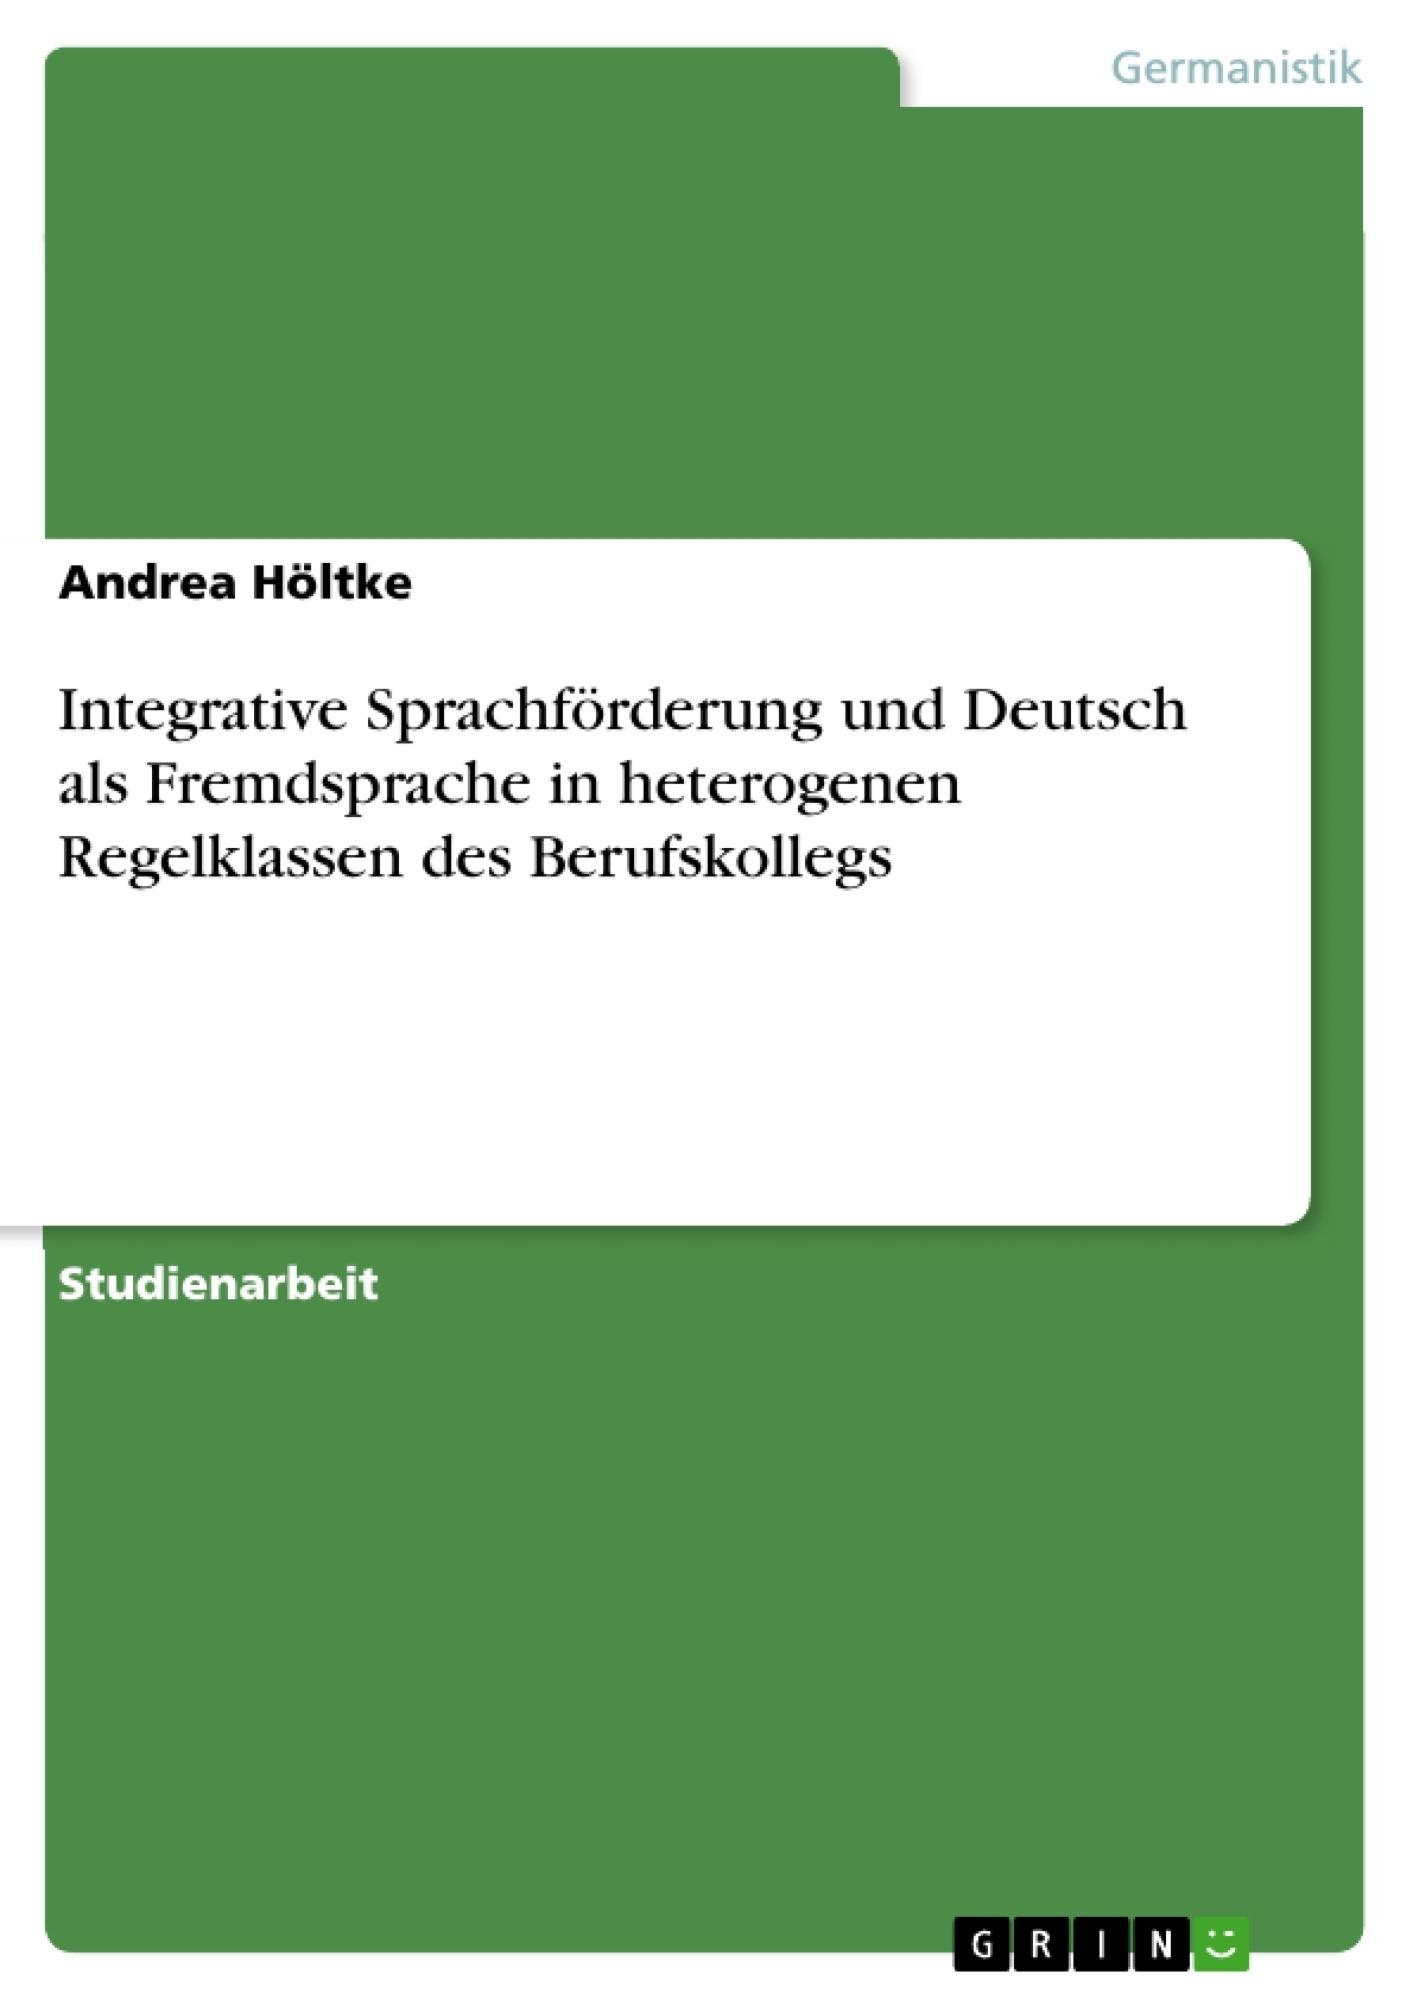 Titel: Integrative Sprachförderung und Deutsch als Fremdsprache in heterogenen Regelklassen des Berufskollegs